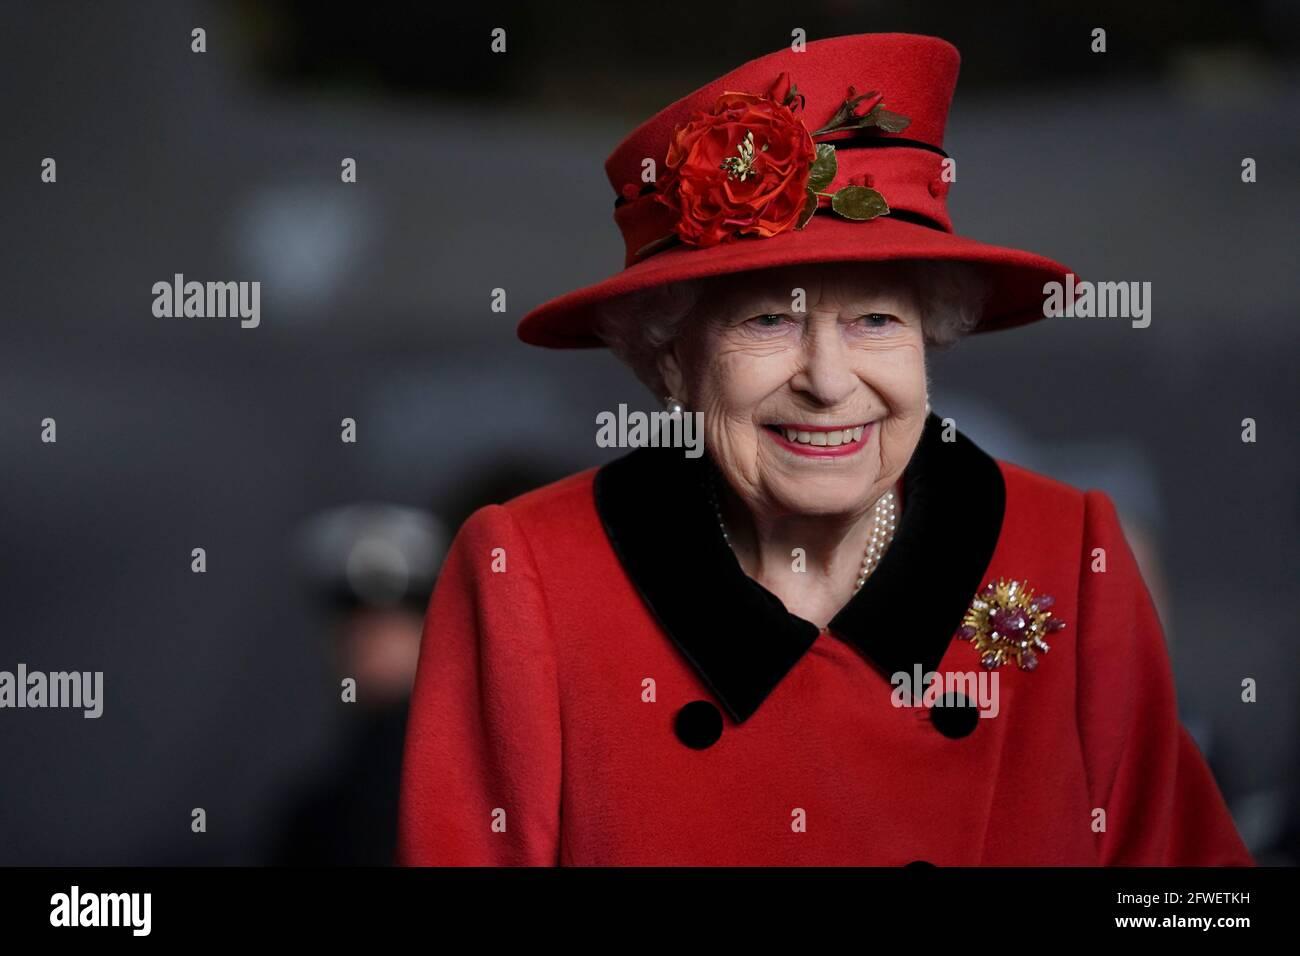 La regina Elisabetta II durante una visita alla regina Elisabetta dell'HMS alla base navale dell'HM, Portsmouth, prima del primo schieramento della nave. La visita arriva mentre la regina Elisabetta si prepara a guidare il gruppo britannico Carrier Strike su un dispiegamento operativo di 28 settimane che viaggia oltre 26,000 miglia nautiche dal Mediterraneo al Mare delle Filippine. Data immagine: Sabato 22 maggio 2021. Foto Stock